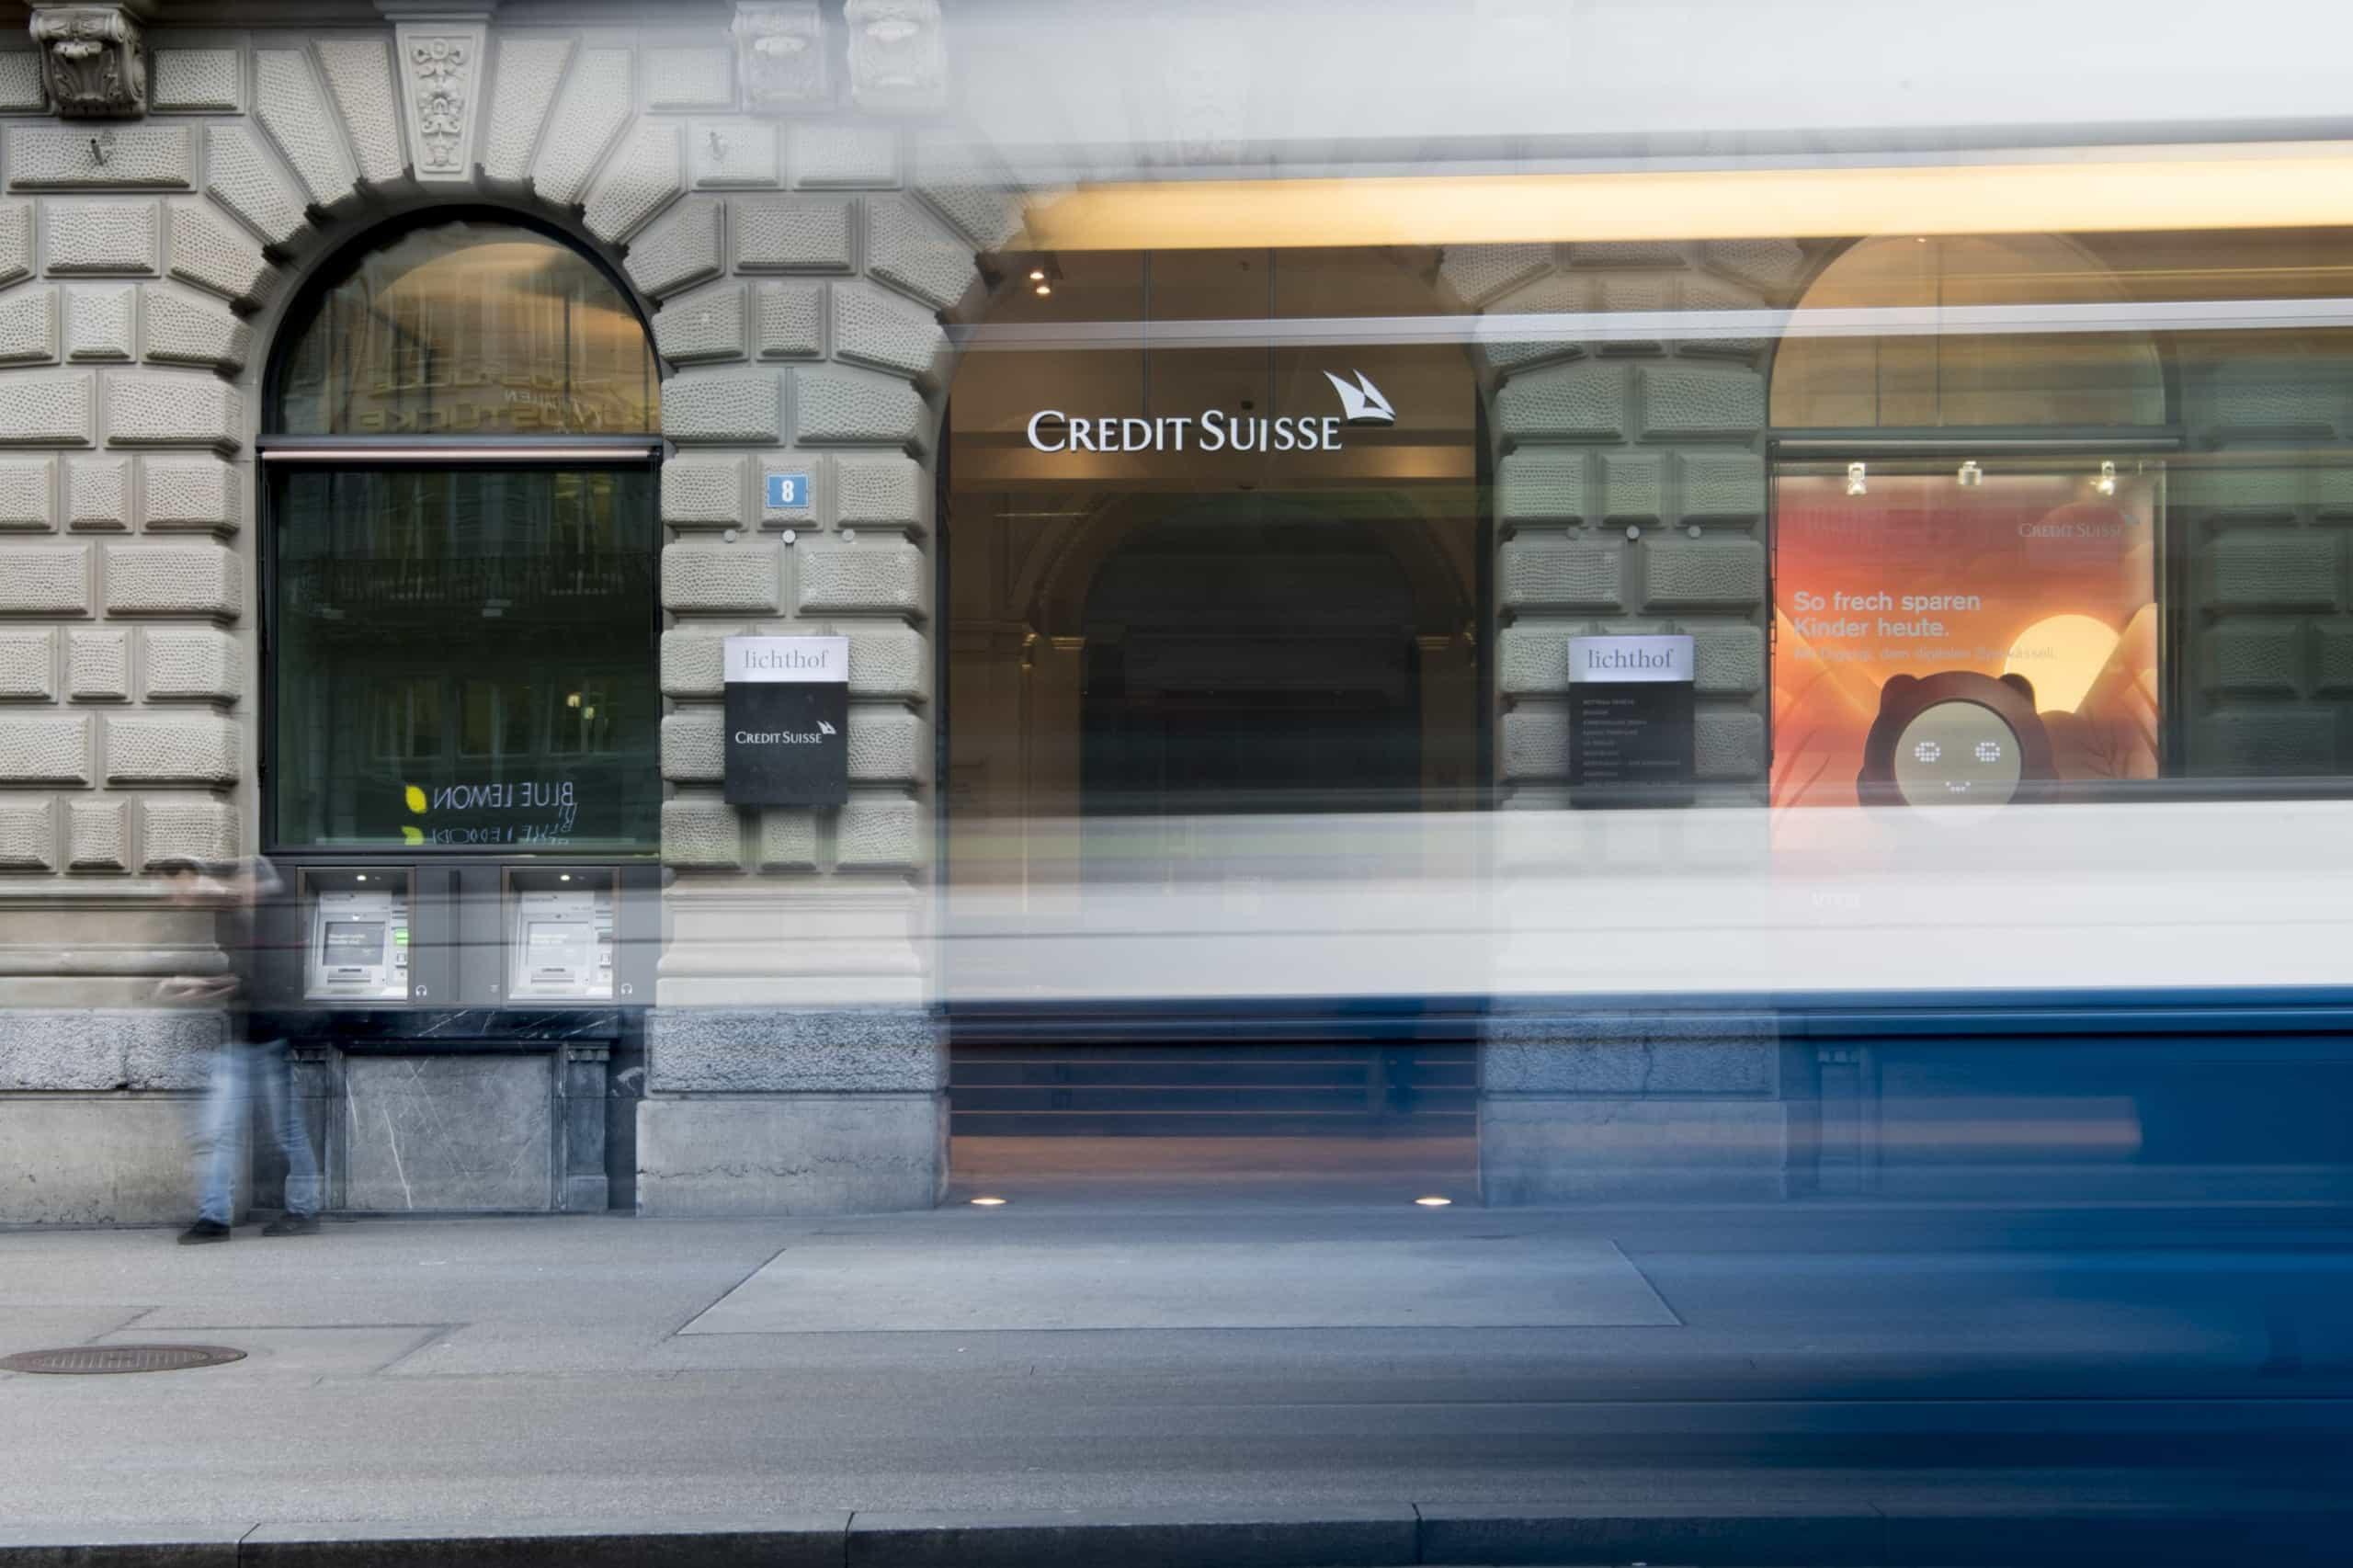 Moçambique: Credit Suisse arrisca multa de até 300 milhões